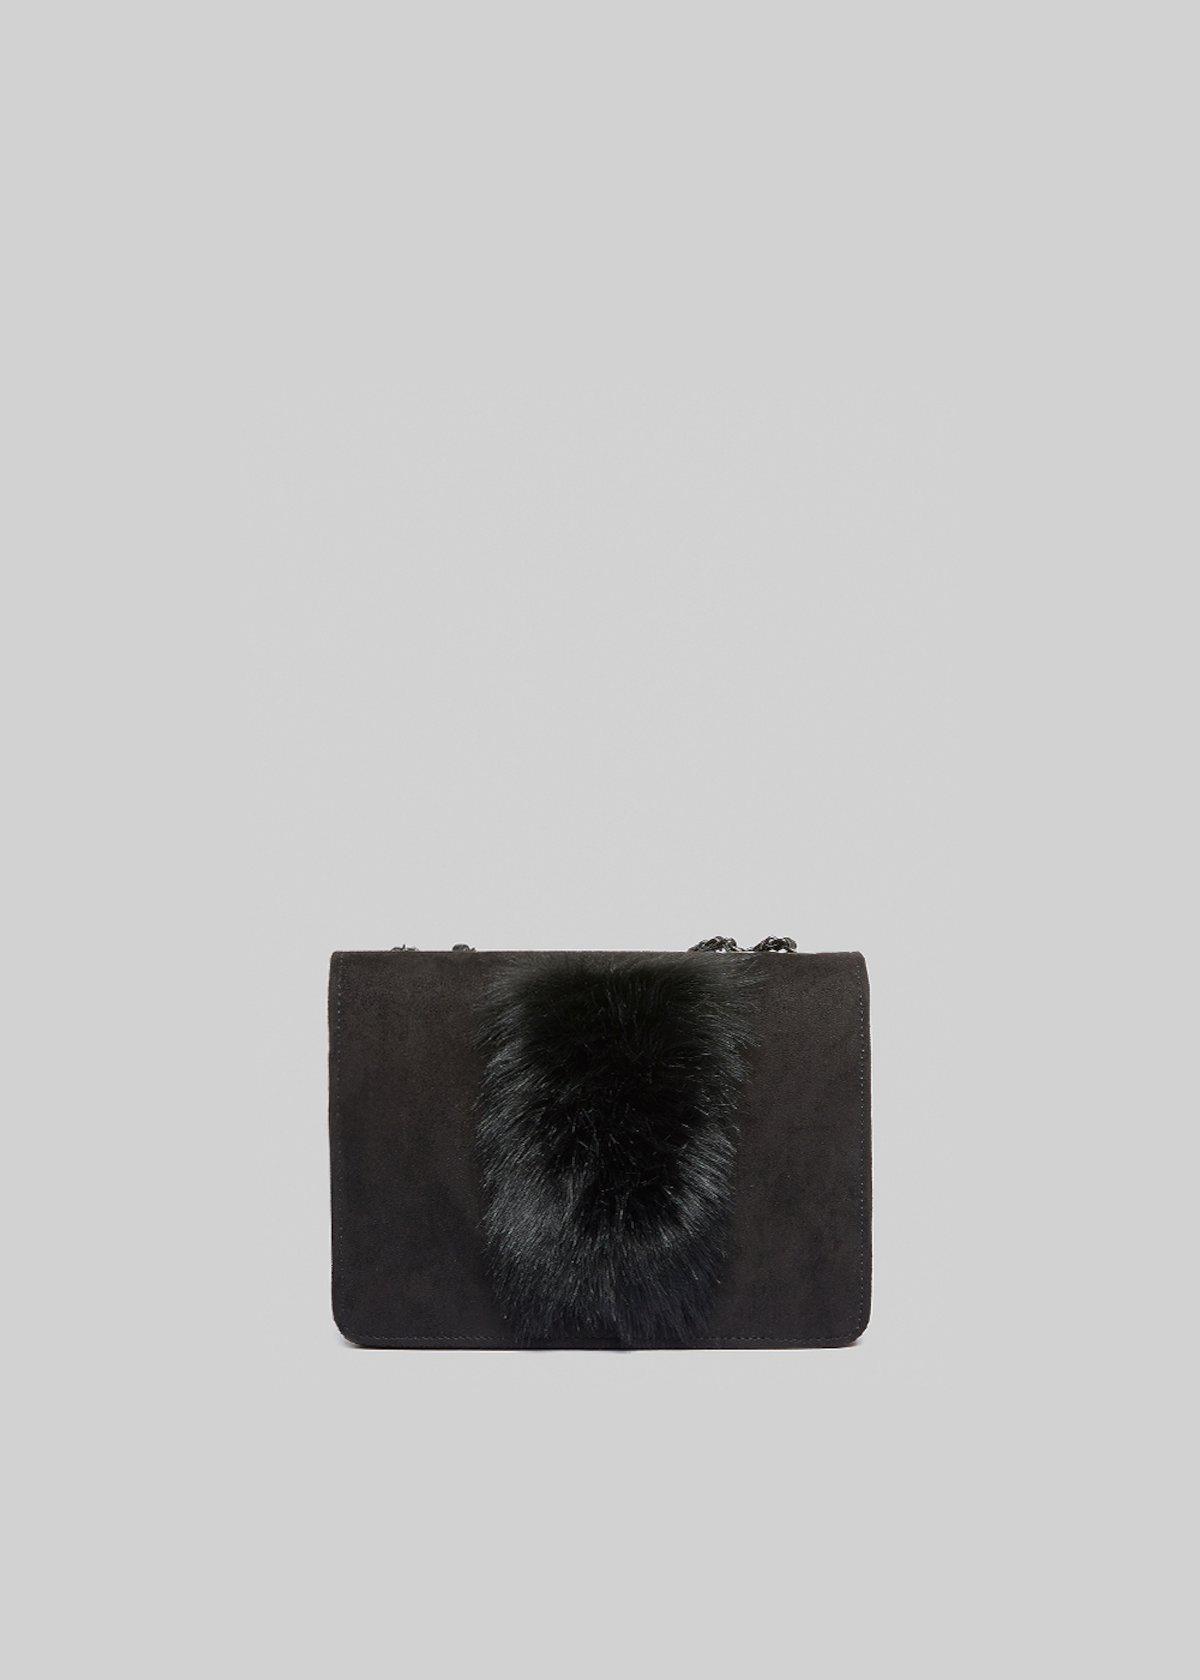 Fede Four rigid clutch with fake fur detail